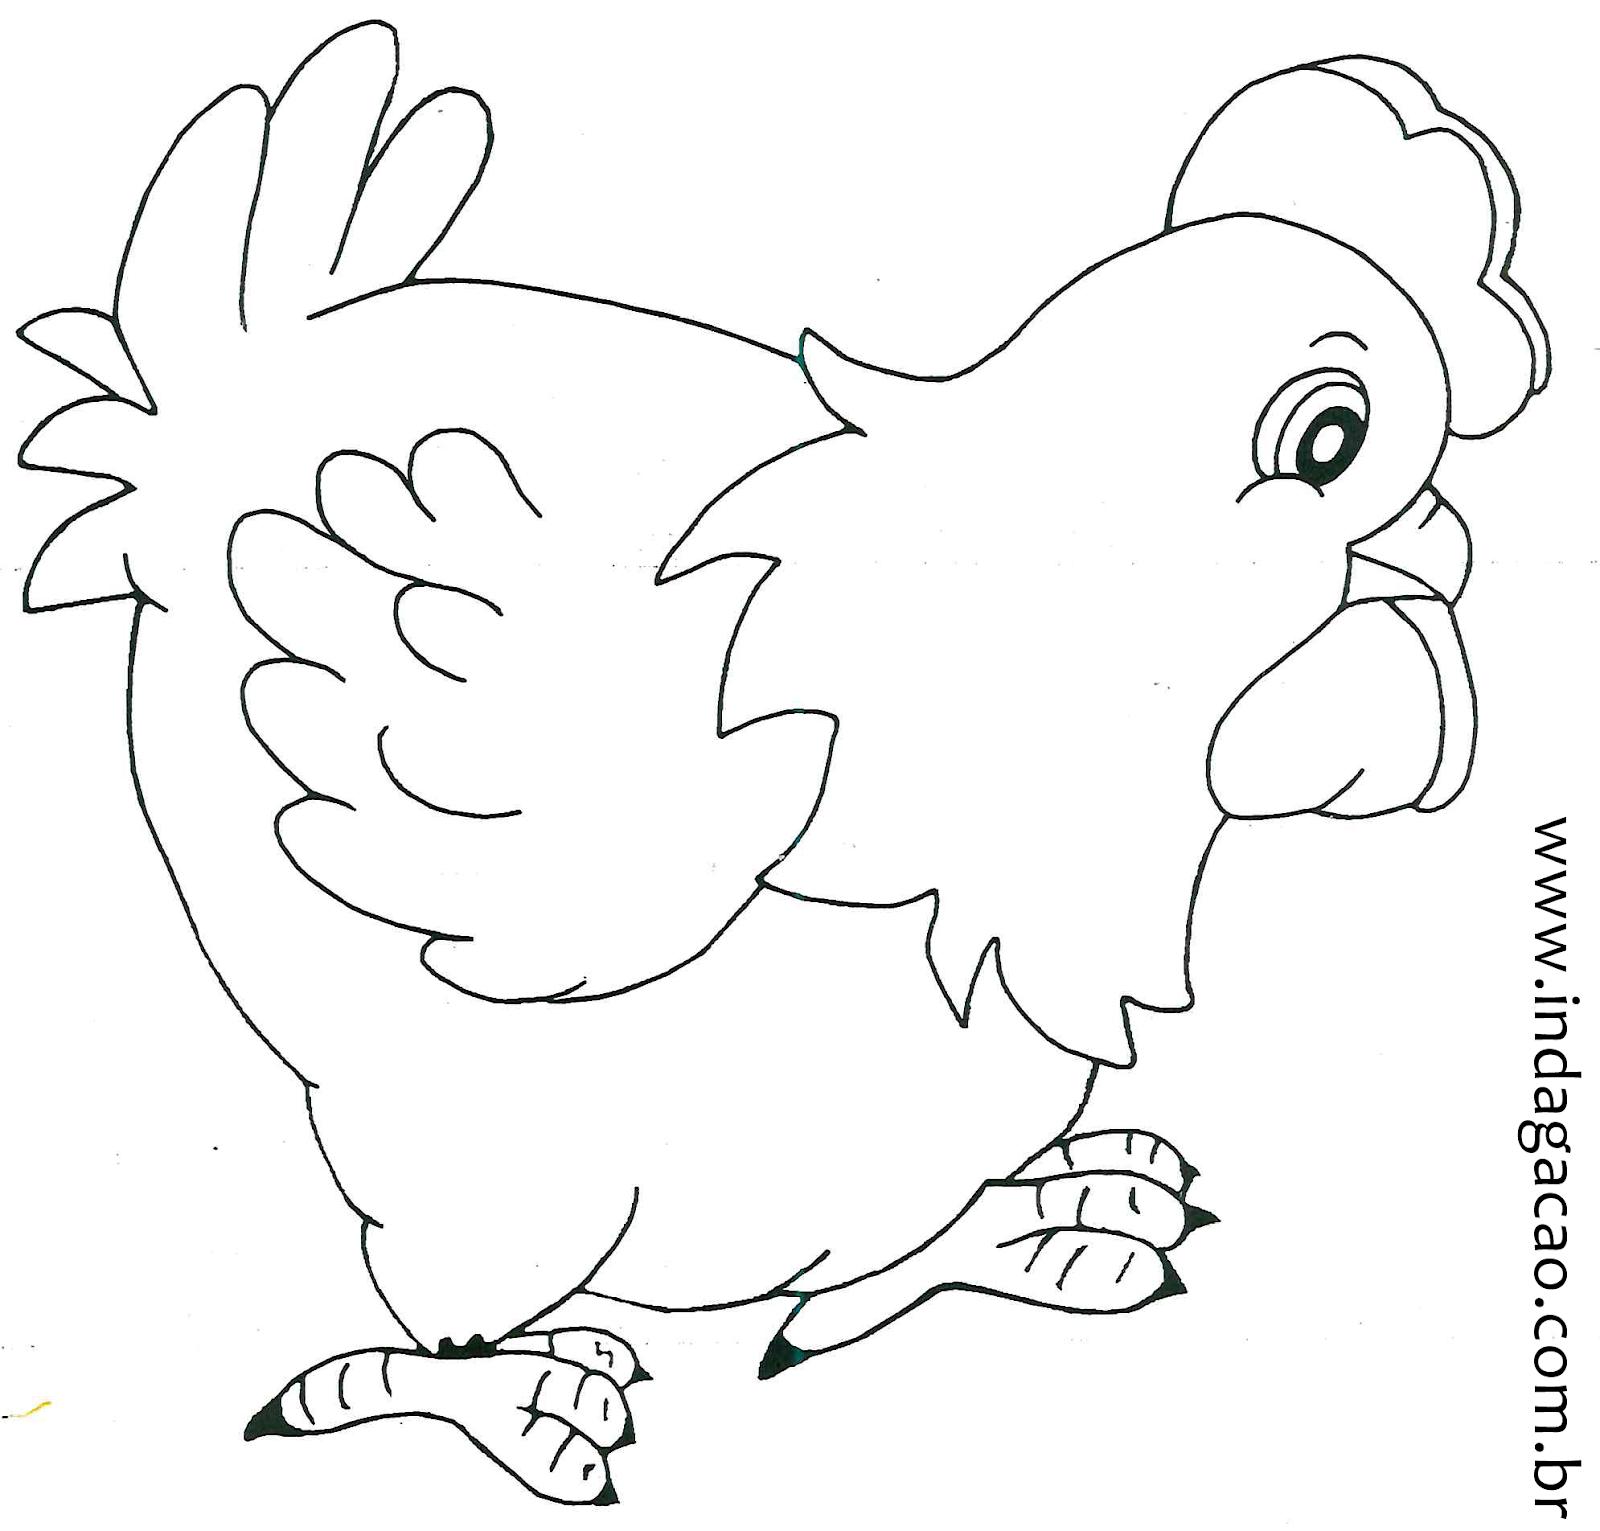 desenho da galinha para colorir na escola indagação